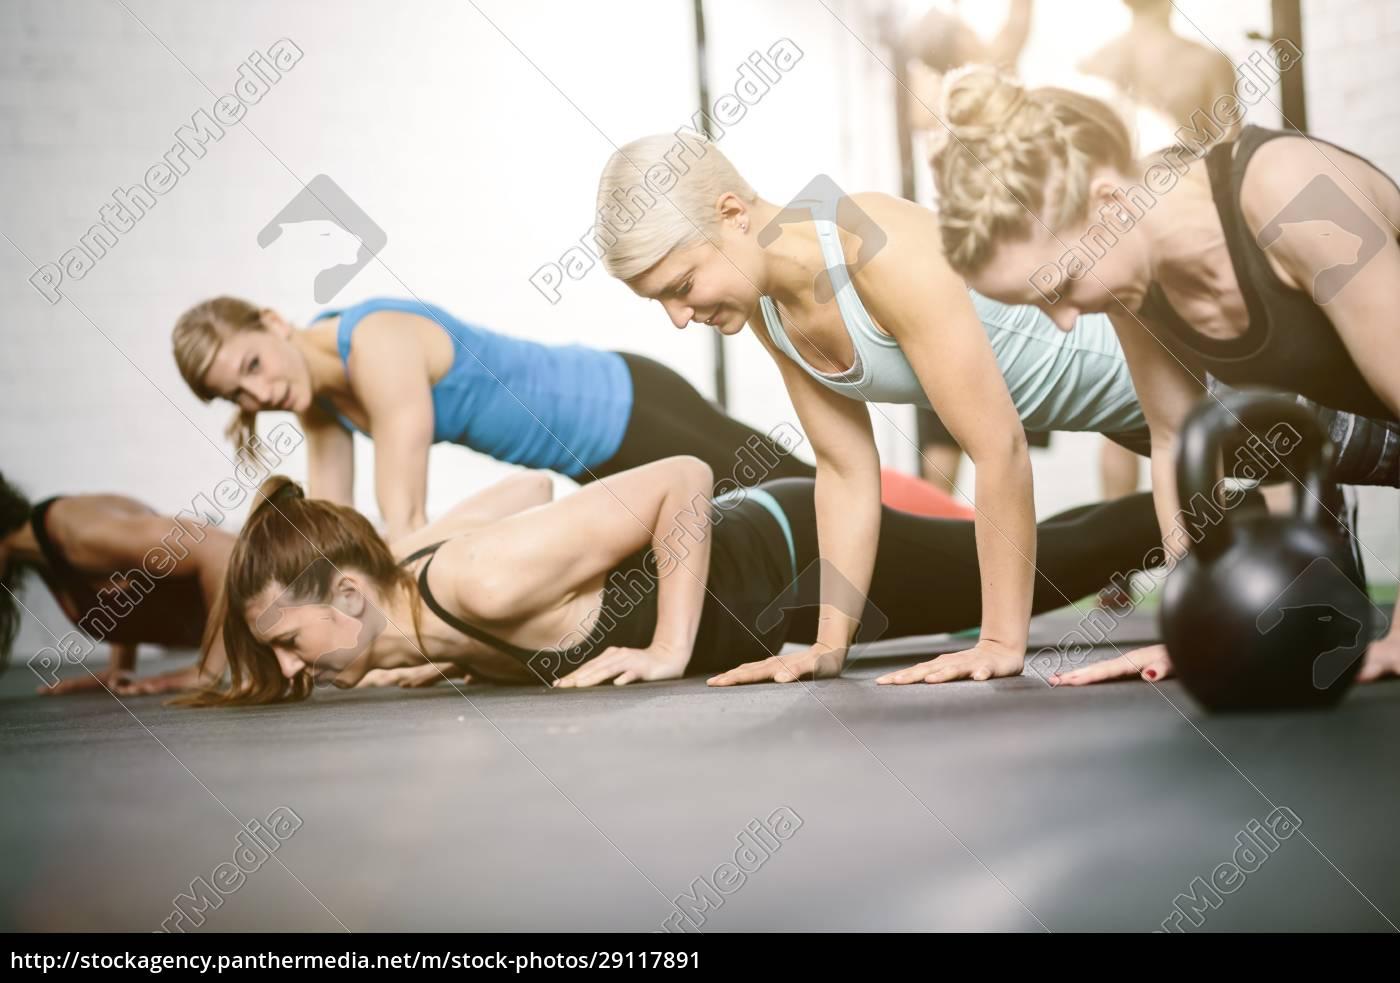 menschen, im, fitnessstudio, machen, push-ups - 29117891